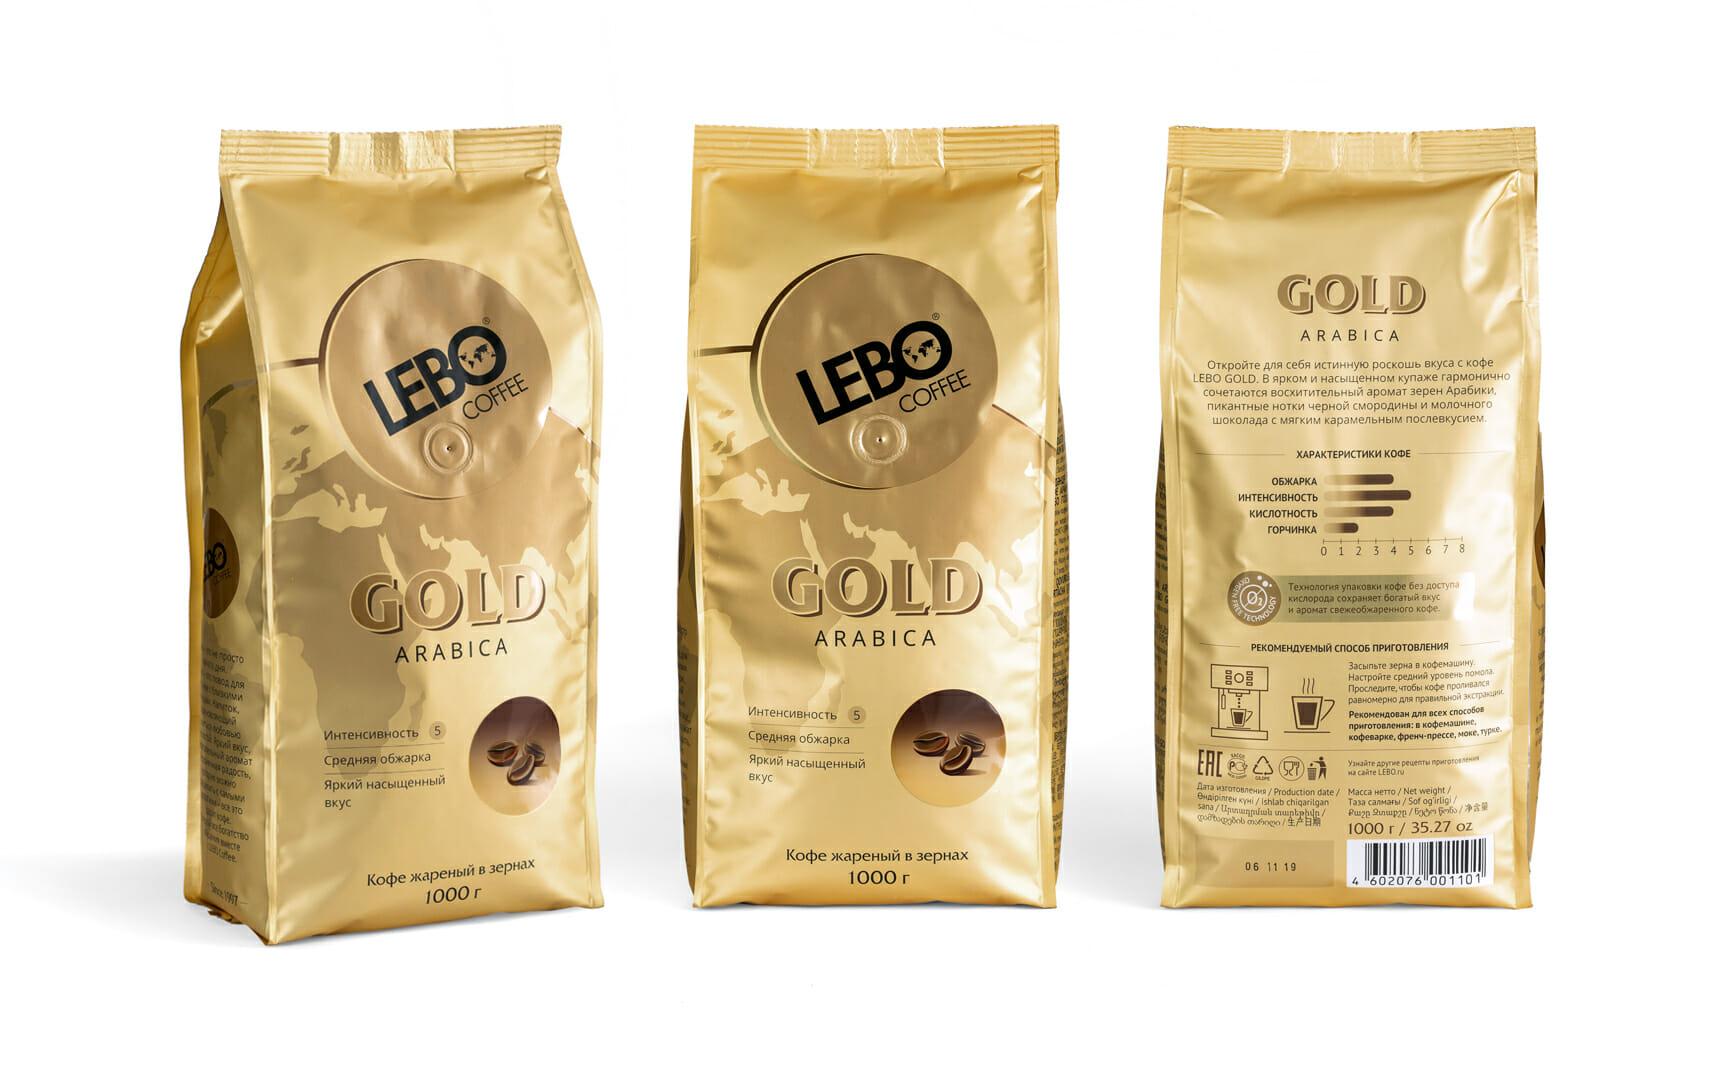 Дизайн новой пачки кофе Лебо со всех сторон разработан дизайнерами брендингового агентства Мухина Дизайн (Muhina Design)